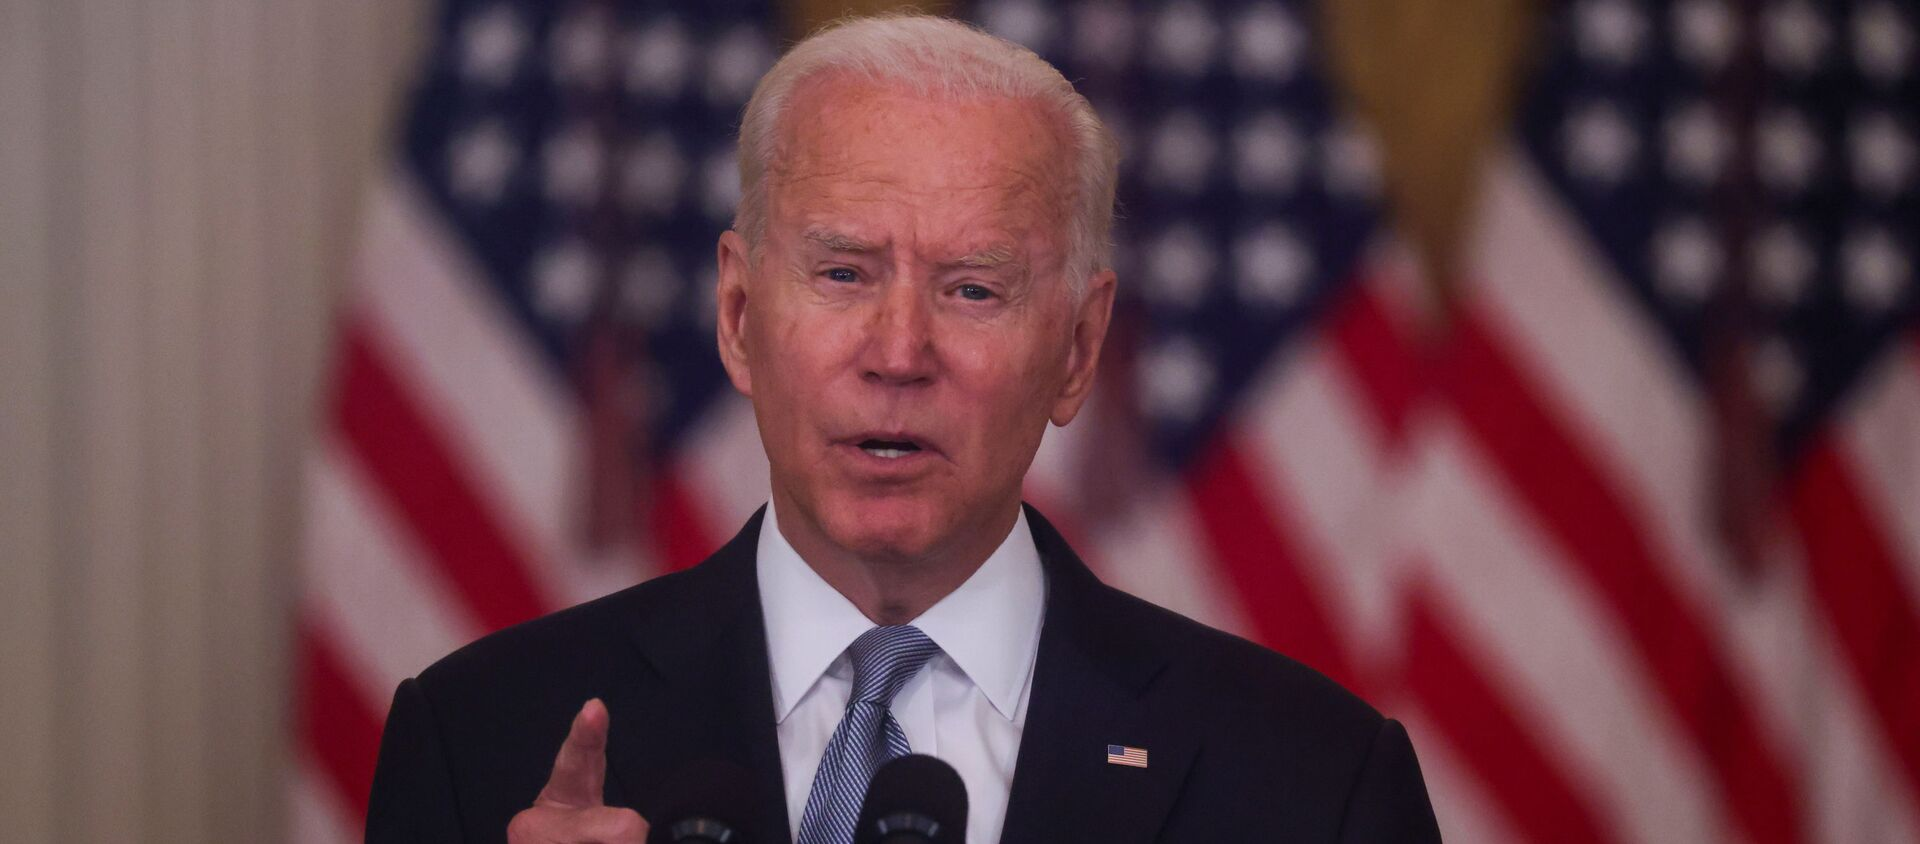 Le Président américain Joe Biden faisant un discours sur la situation en Afghanistan le 16 août 2021 - Sputnik France, 1920, 17.08.2021